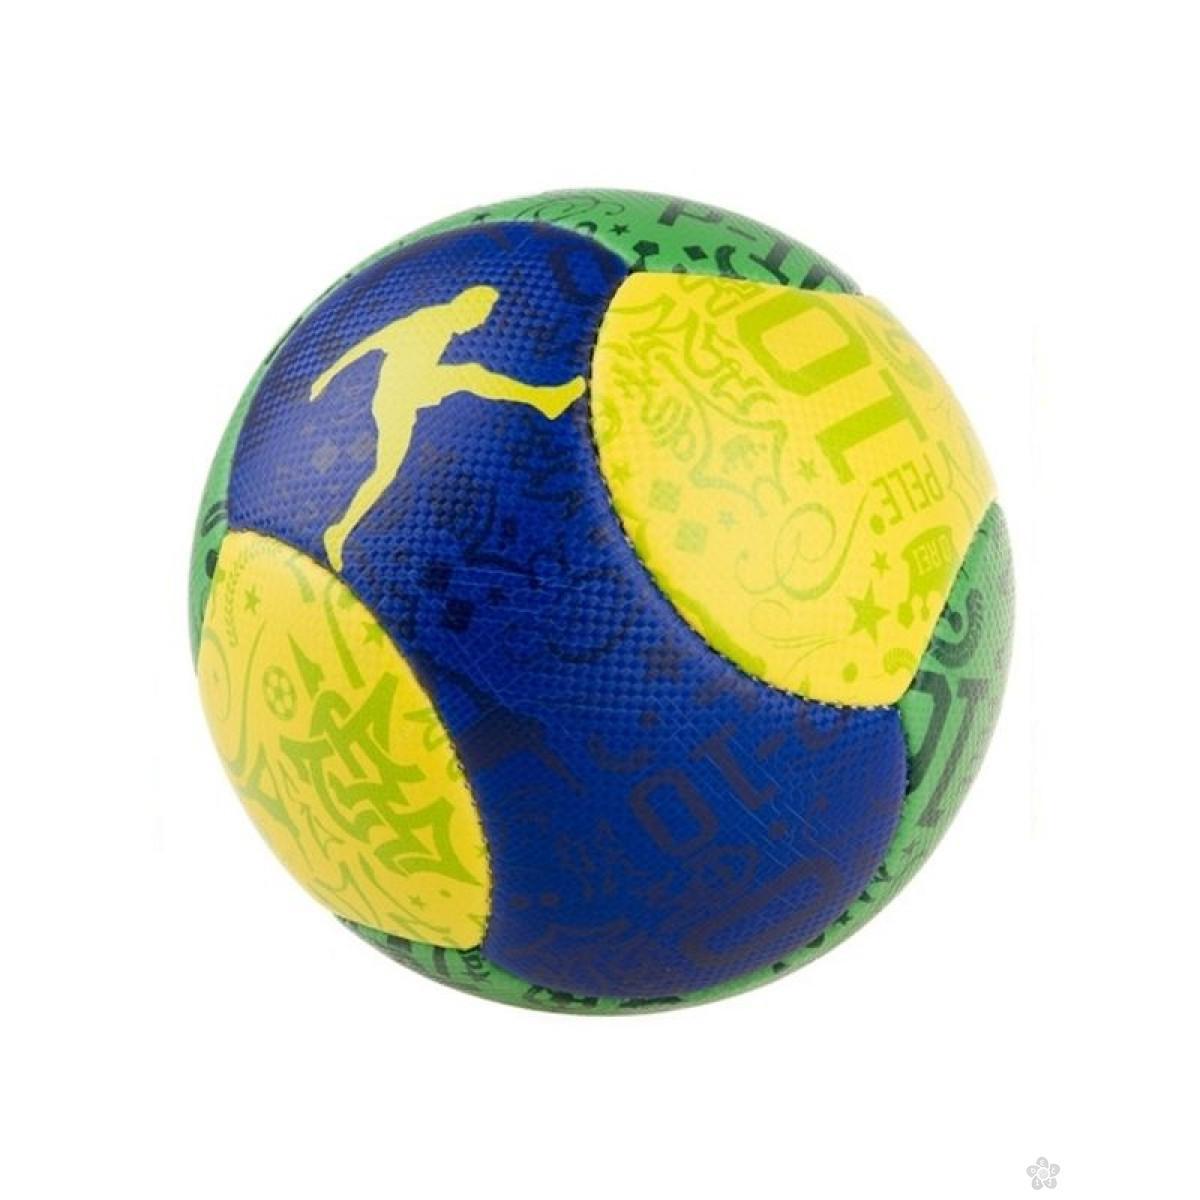 Fudbalska lopta 2001601